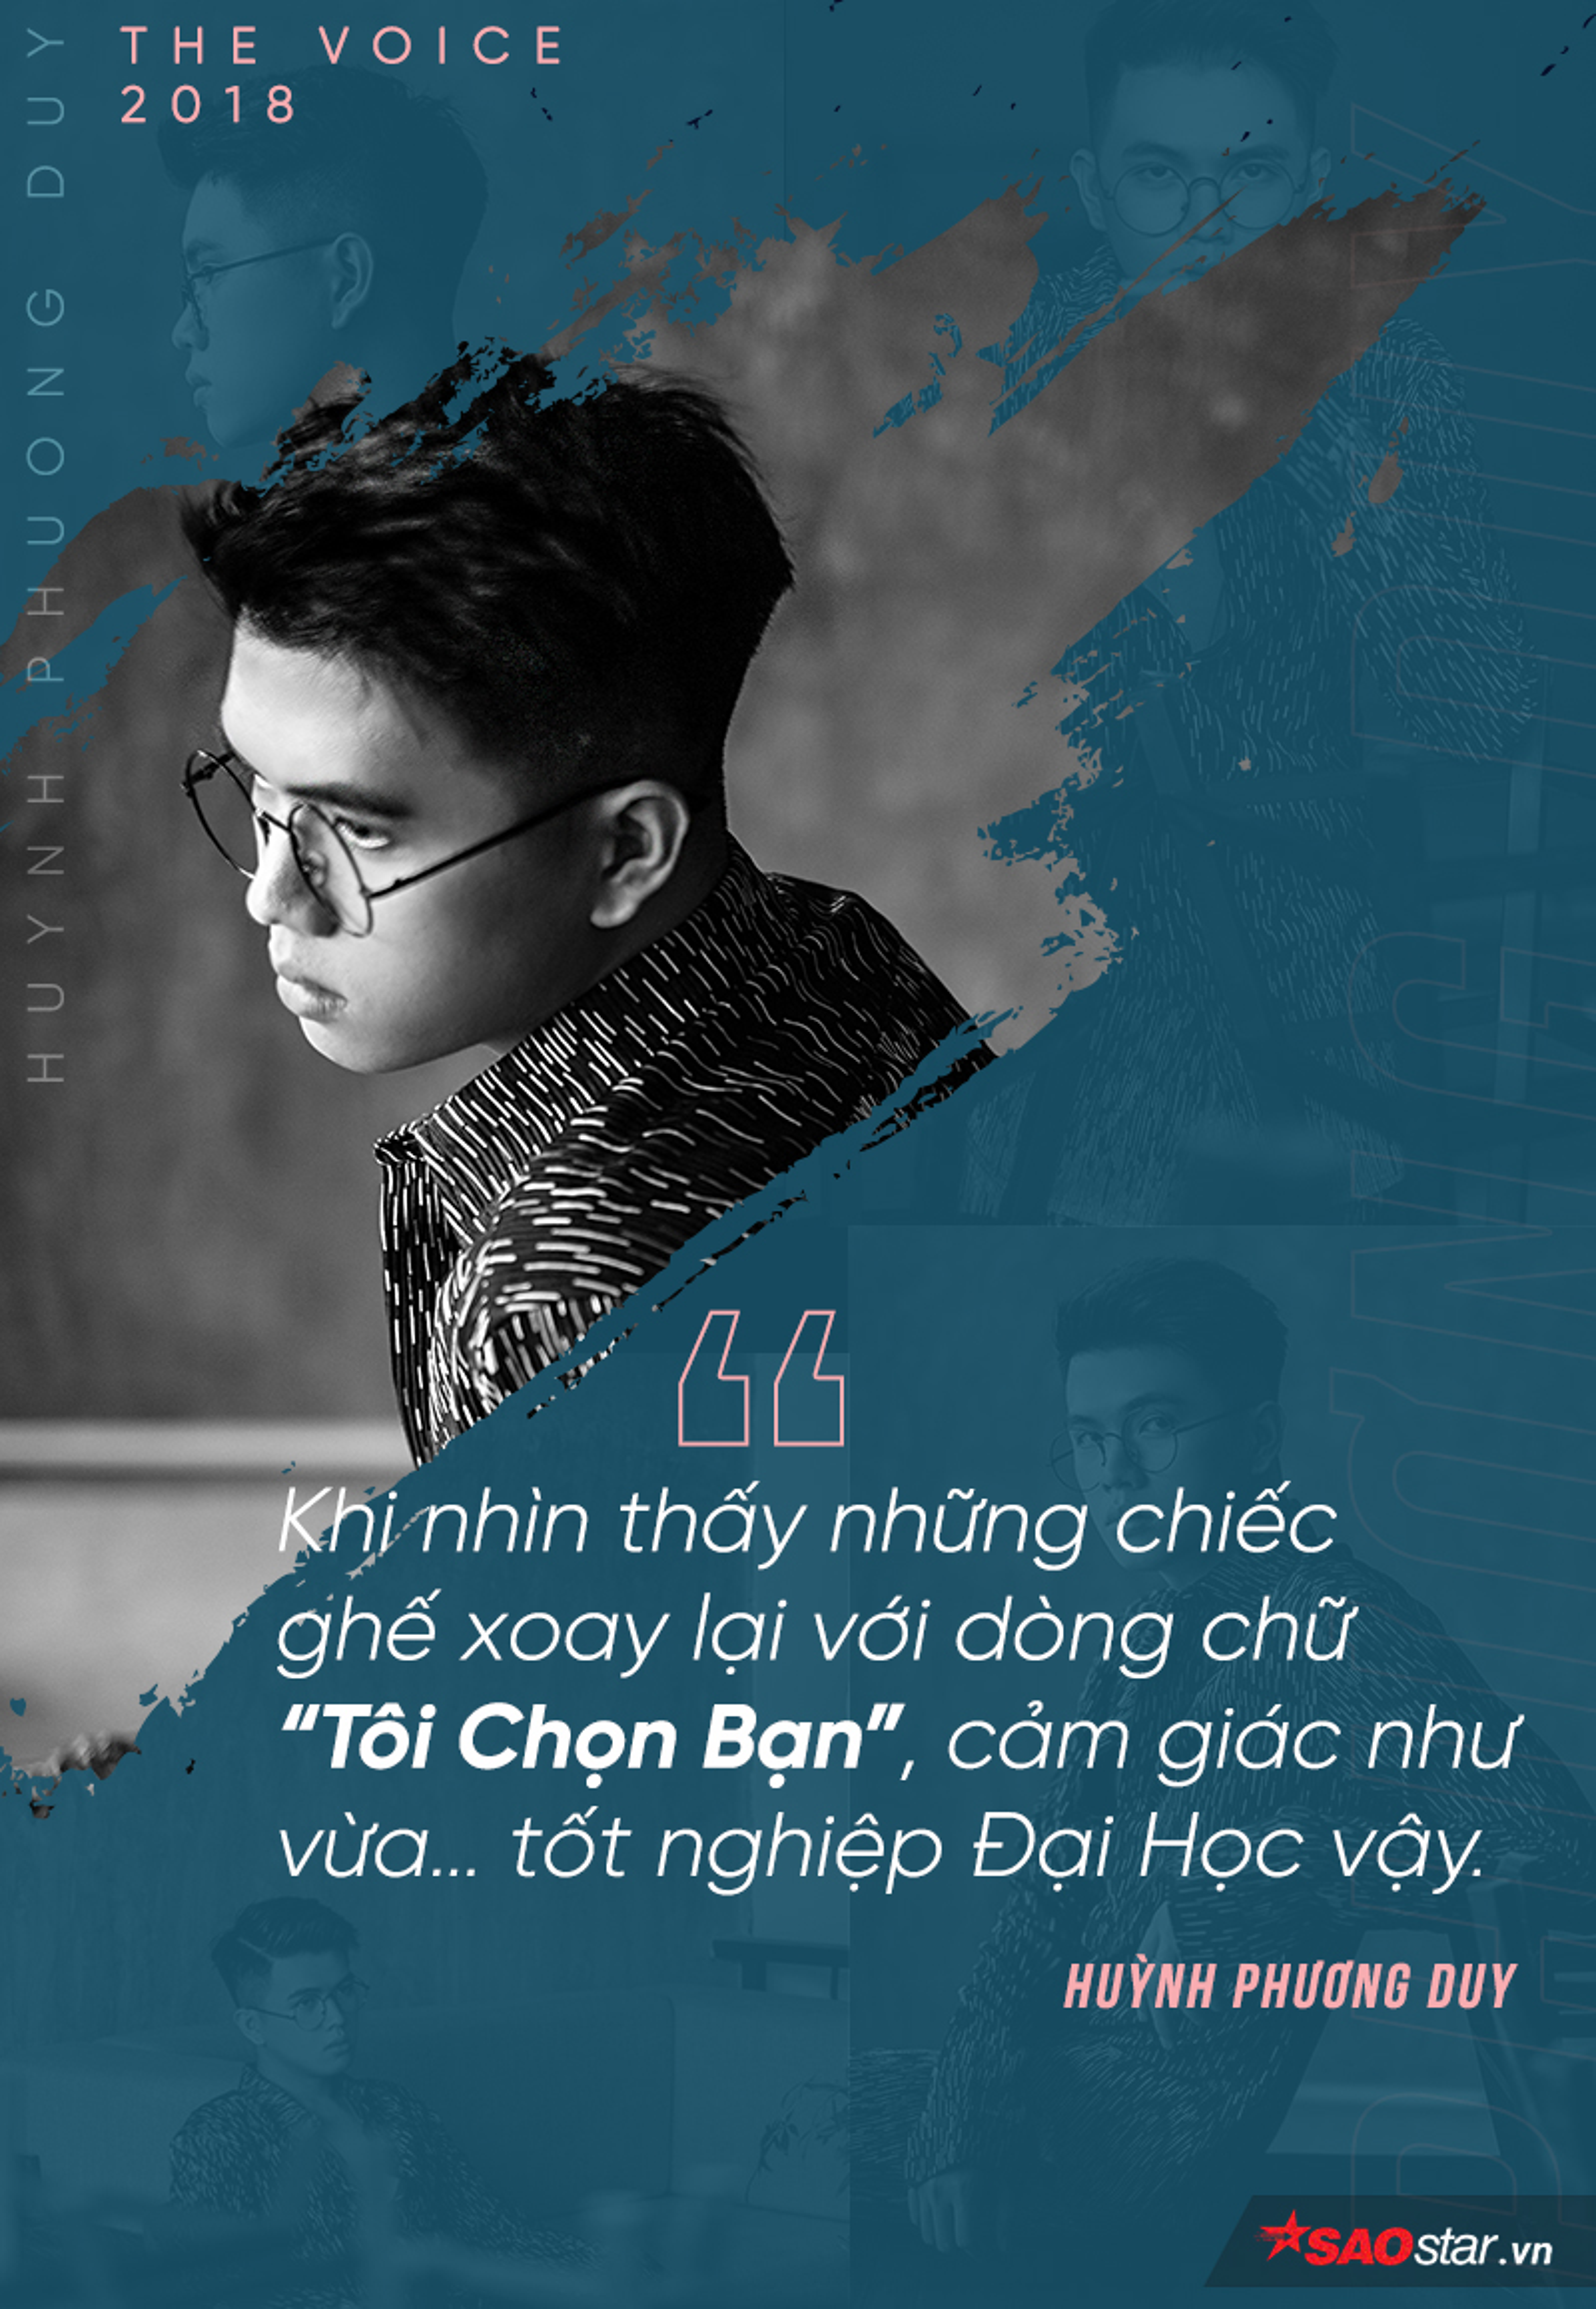 Huỳnh Phương Duy: Chàng trai '3 trượt' bứt phá đầy ngoạn mục tại The Voice 2018!